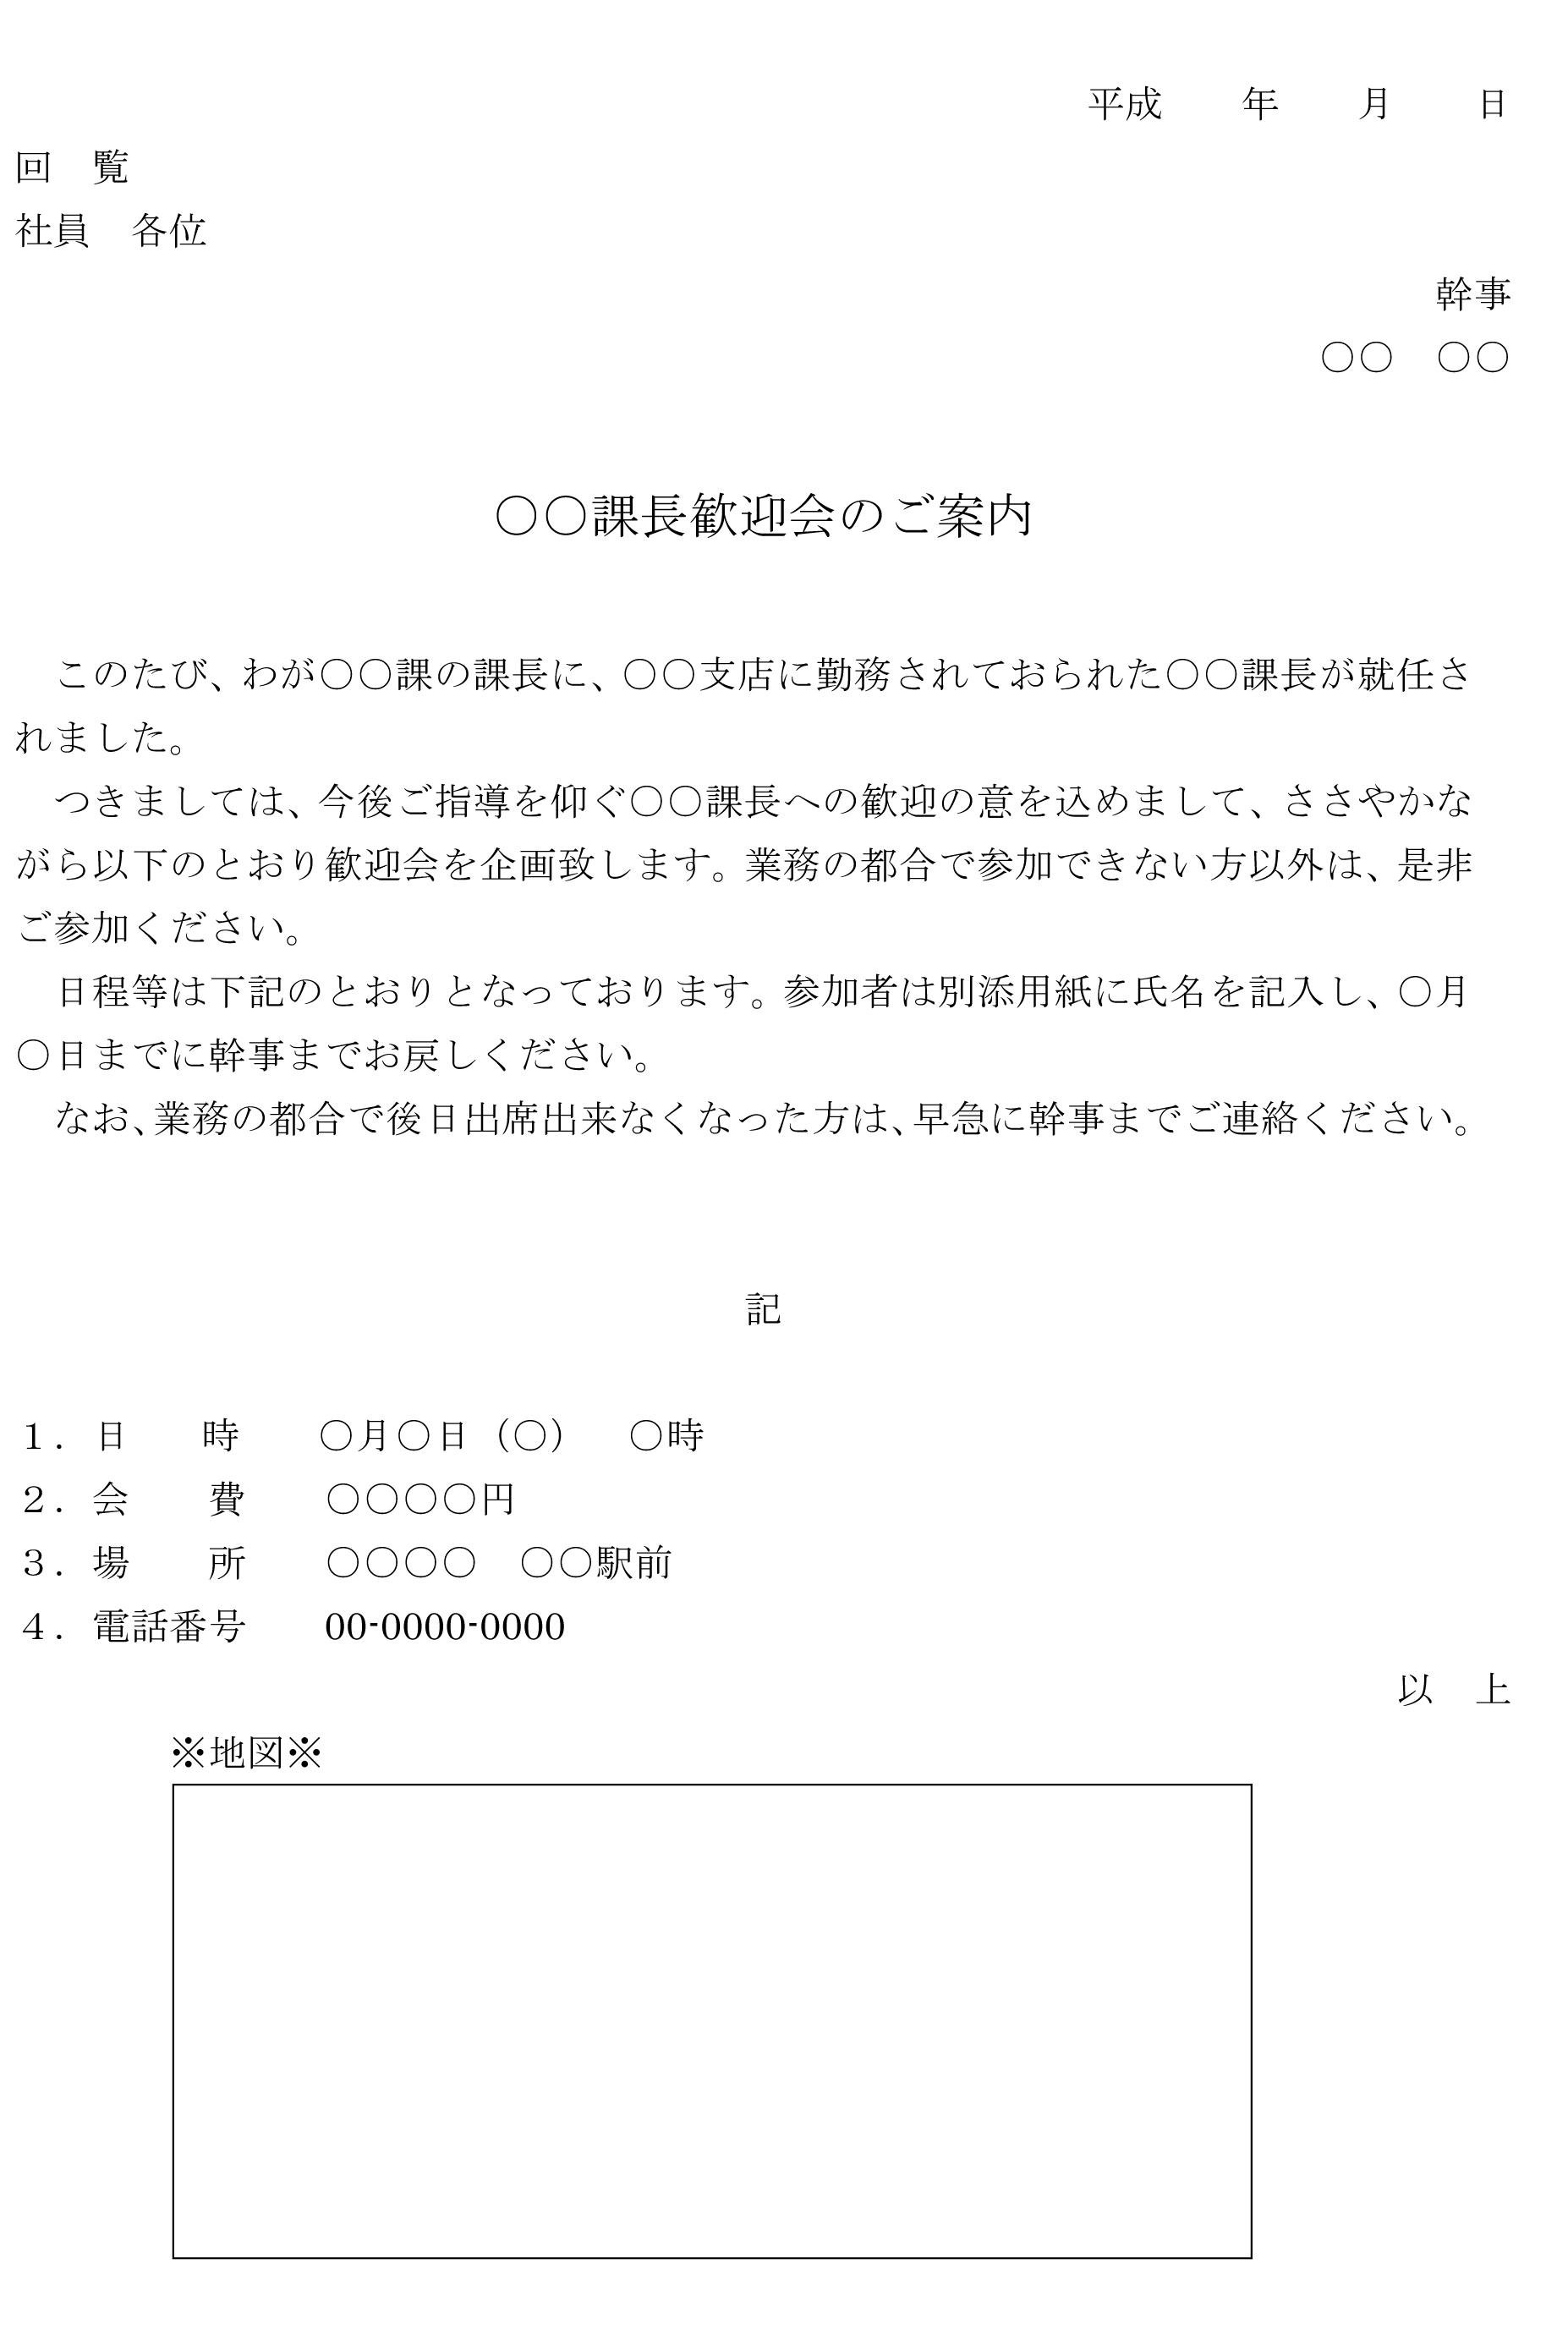 案内状(歓迎会)_2